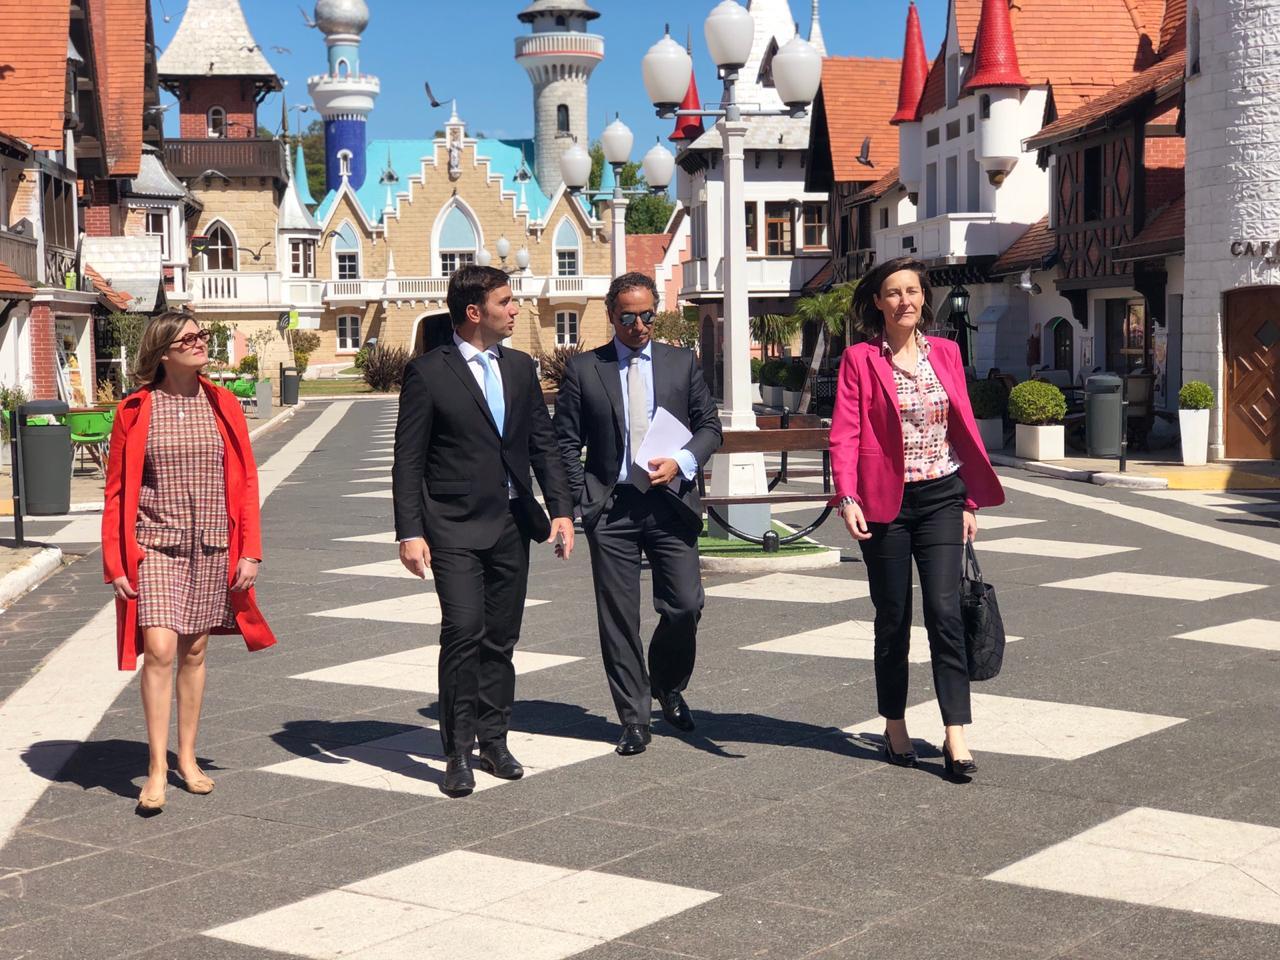 La embajadora de la Unión Europea, Aude Maio-Coliche, el embajador de Portugal, Joao Ribeiro Almeida, y Odino Faccia recorren la república de los niños